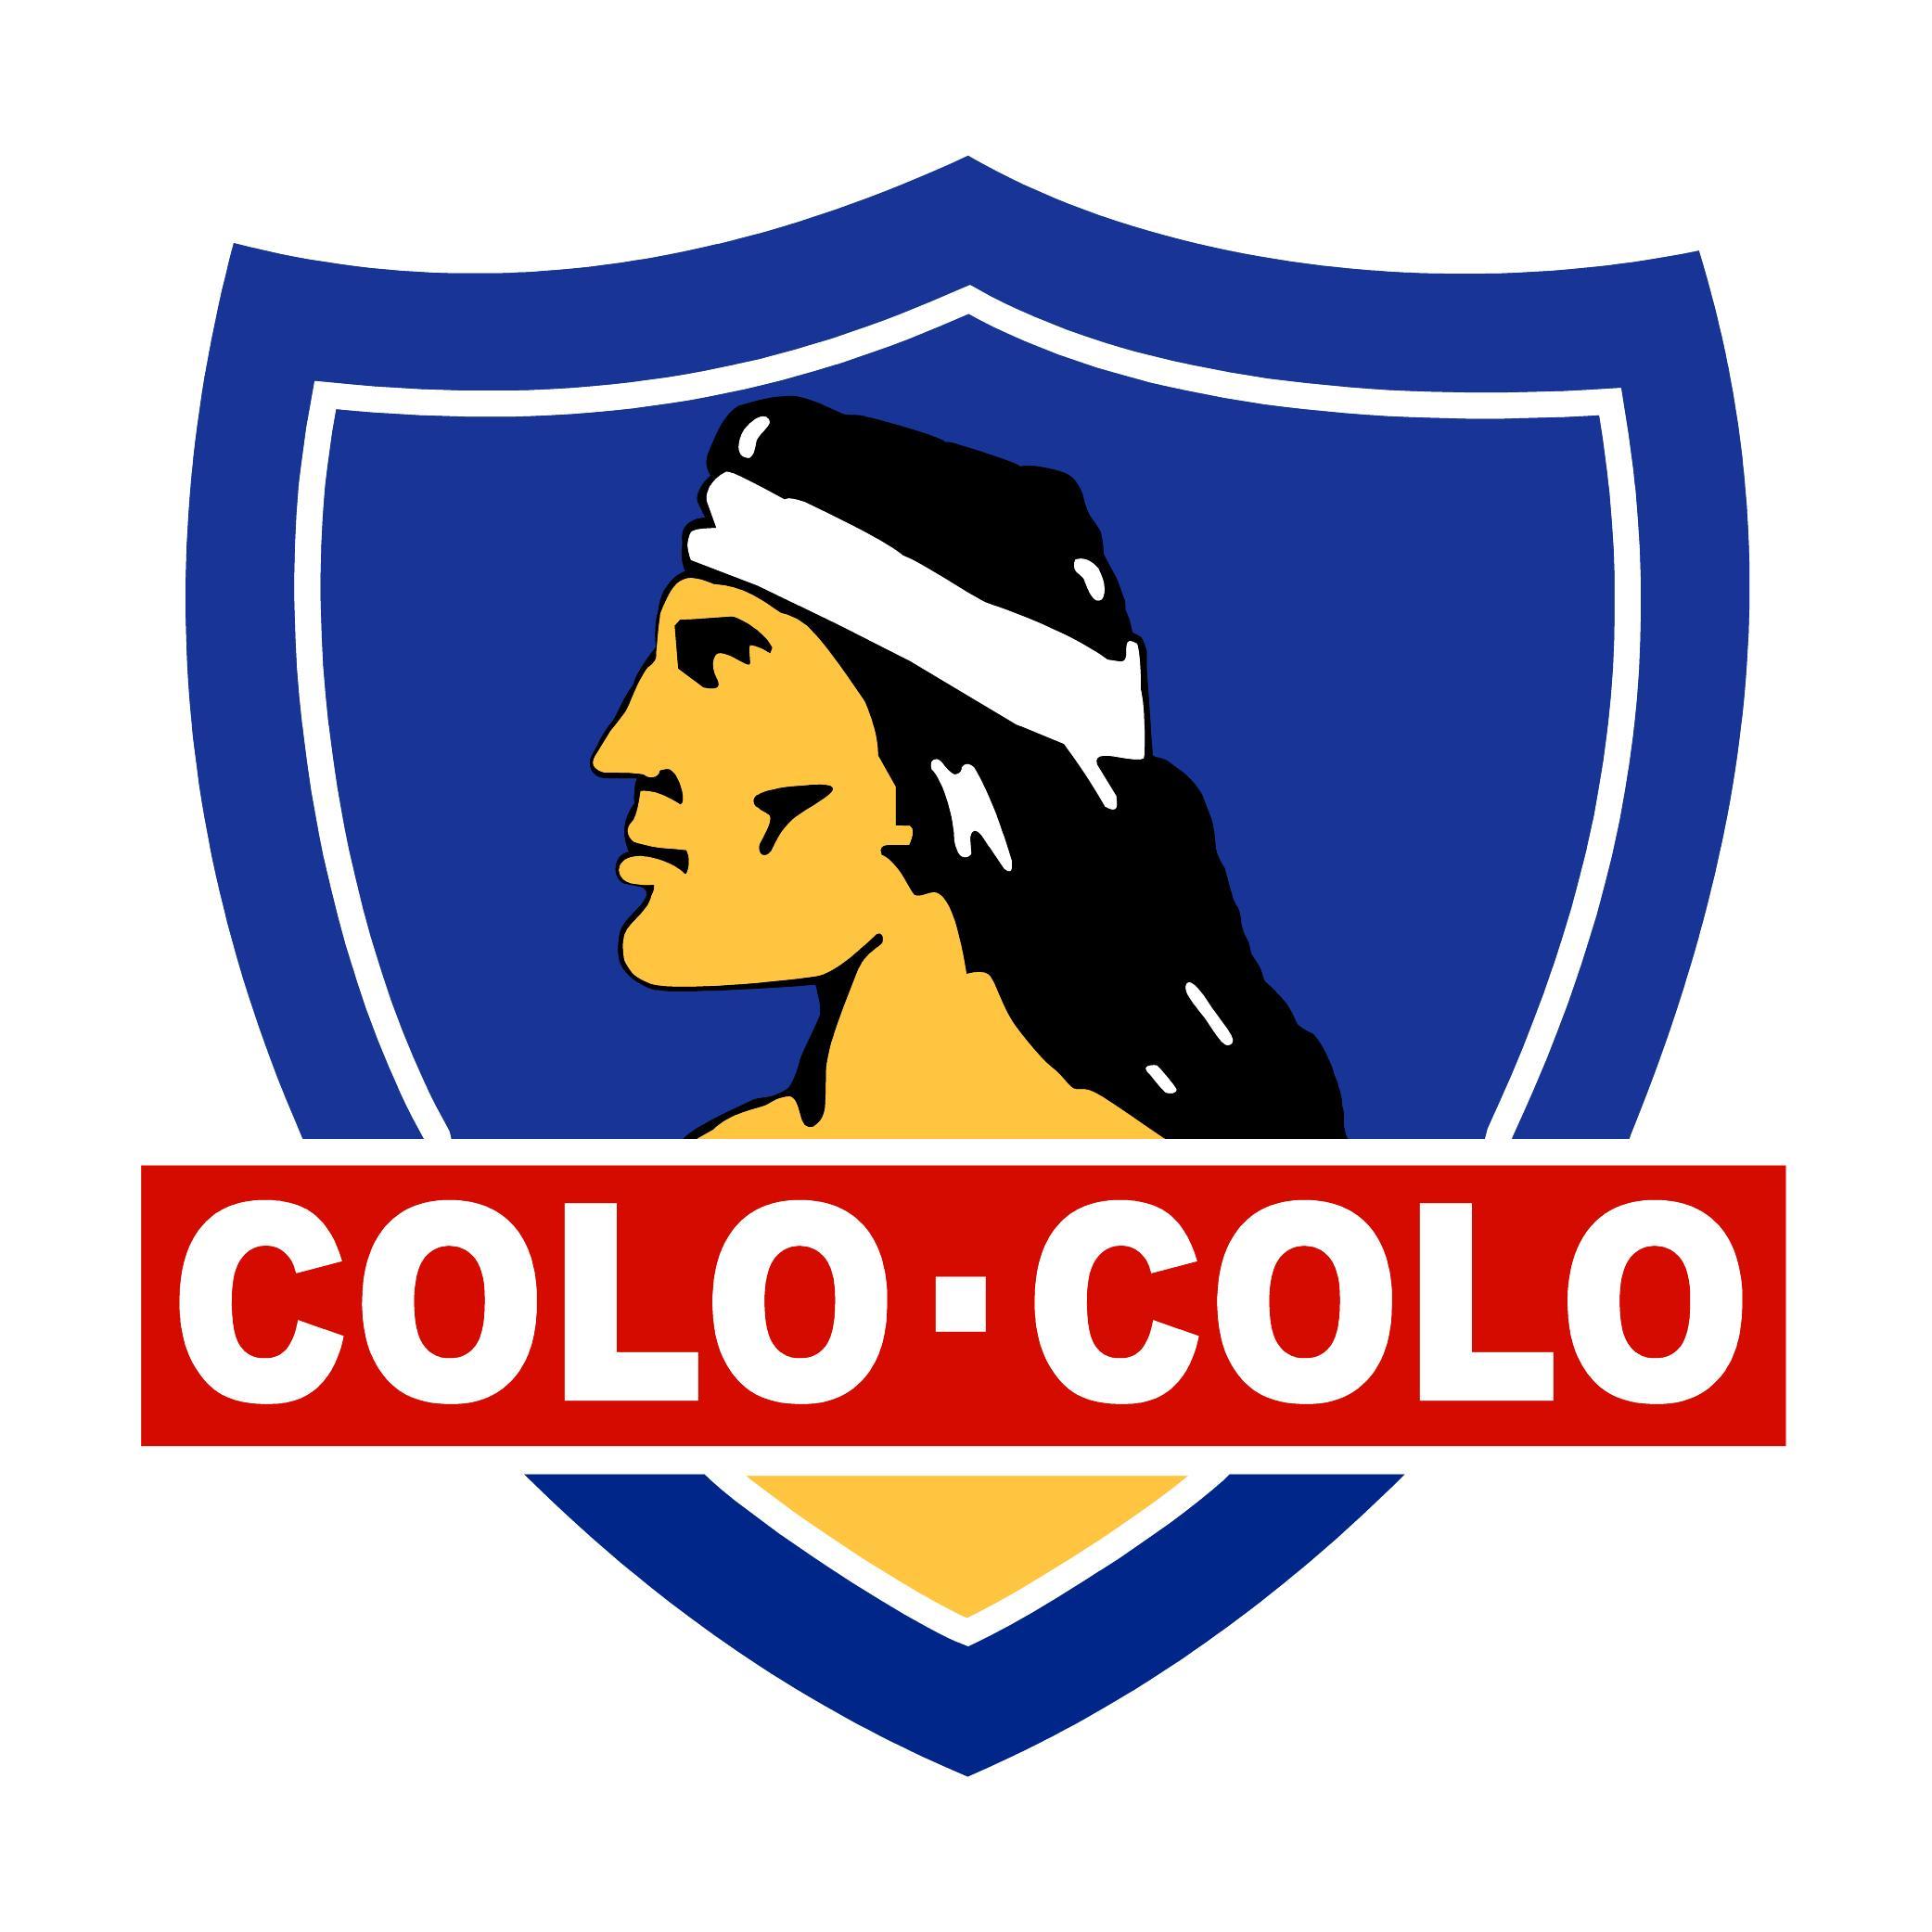 escudo-de-colo-colo_1pii6kd1grt0x1qks64dl31qqv